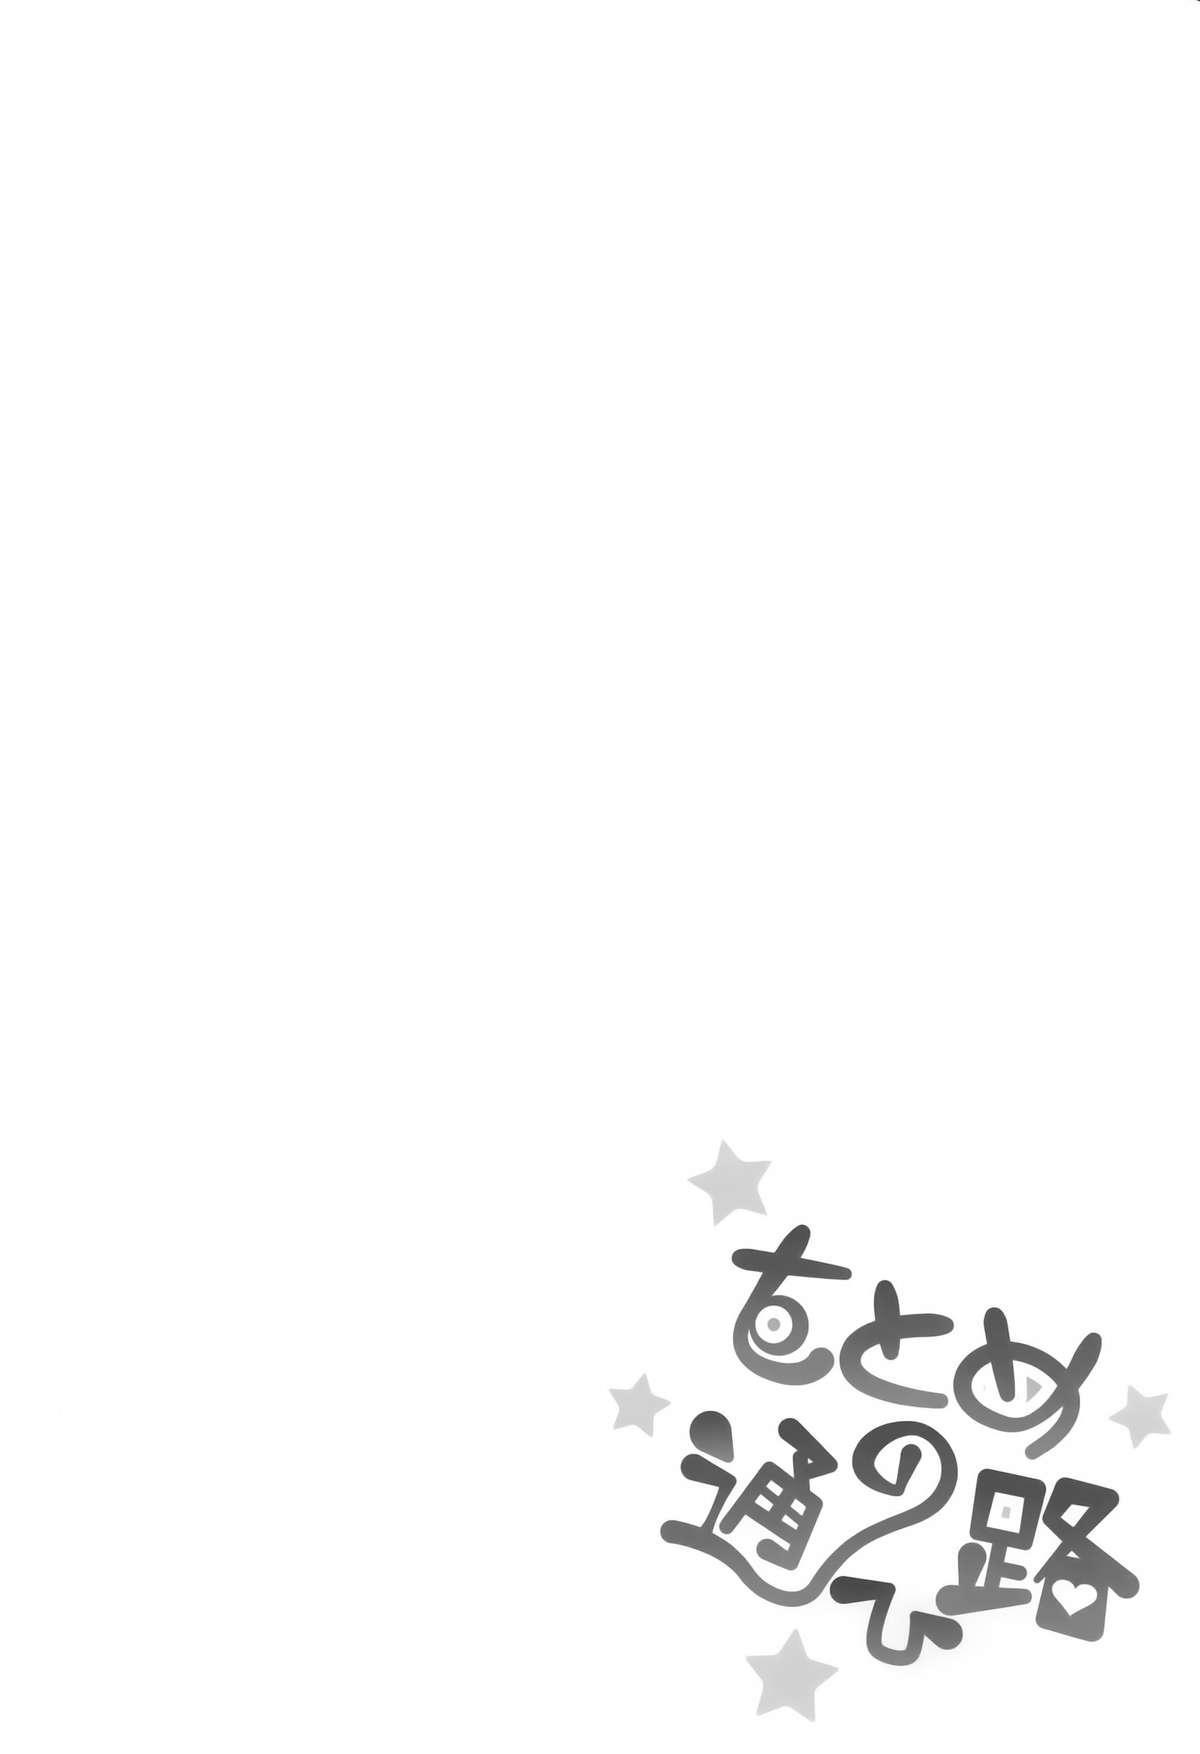 Otome no Kayoiji 3